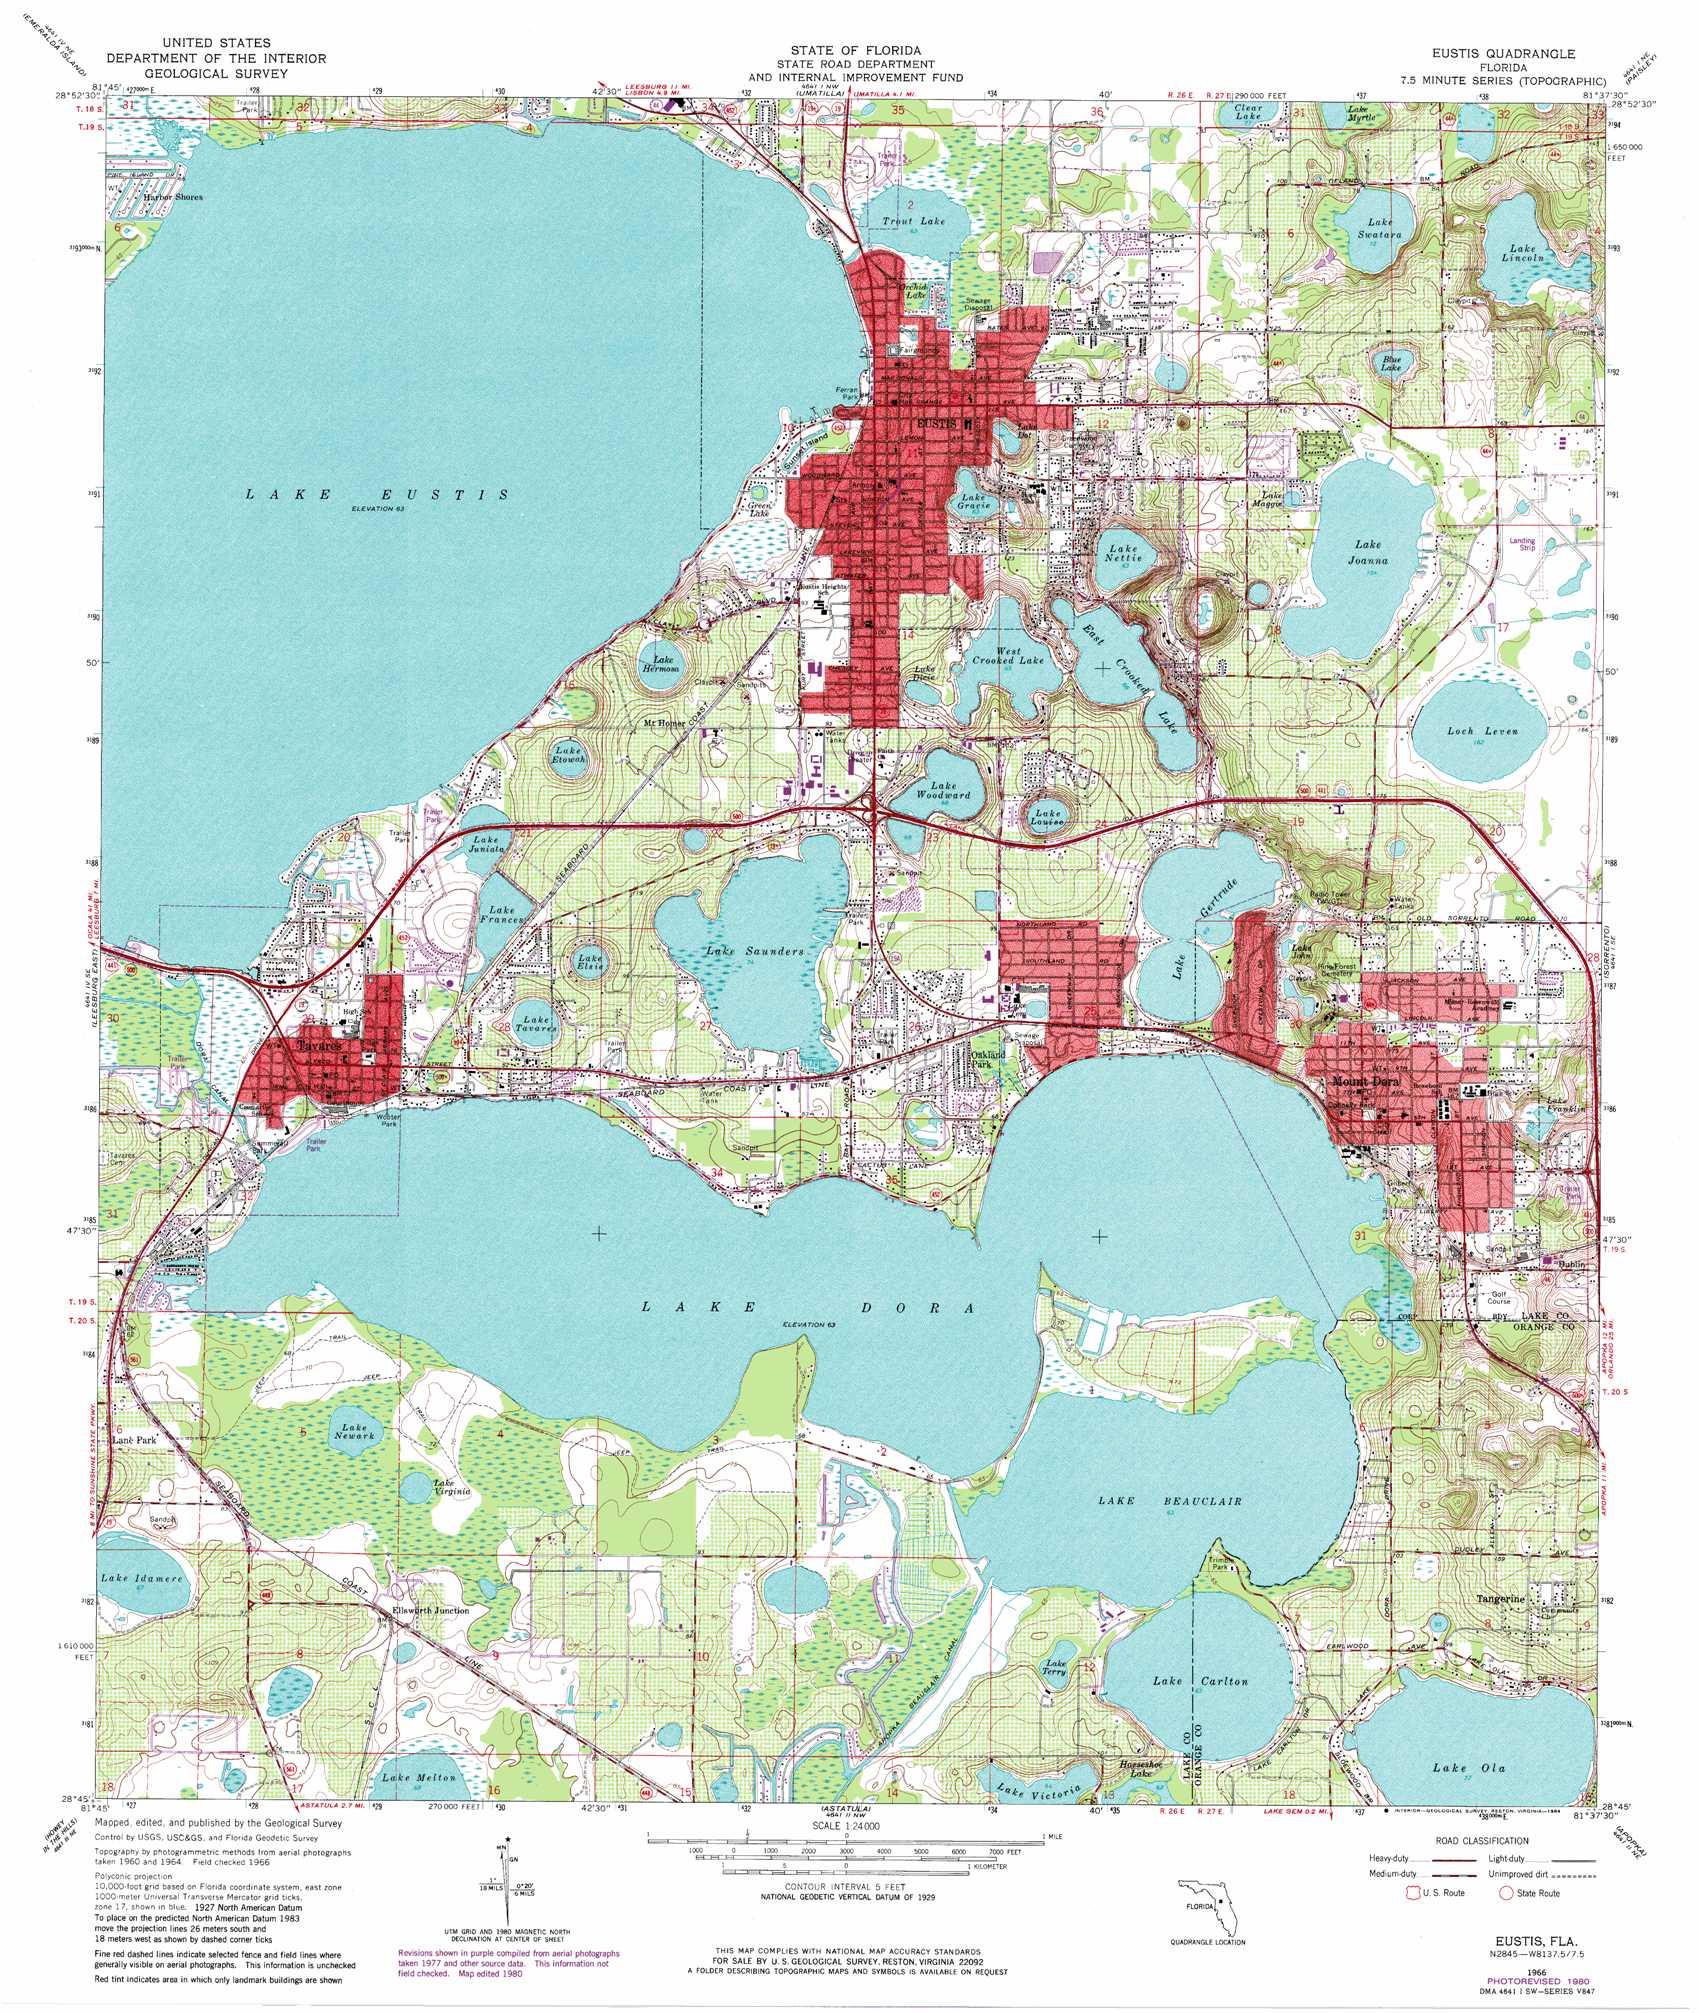 Eustis topographic map, FL - USGS Topo Quad 28081g6